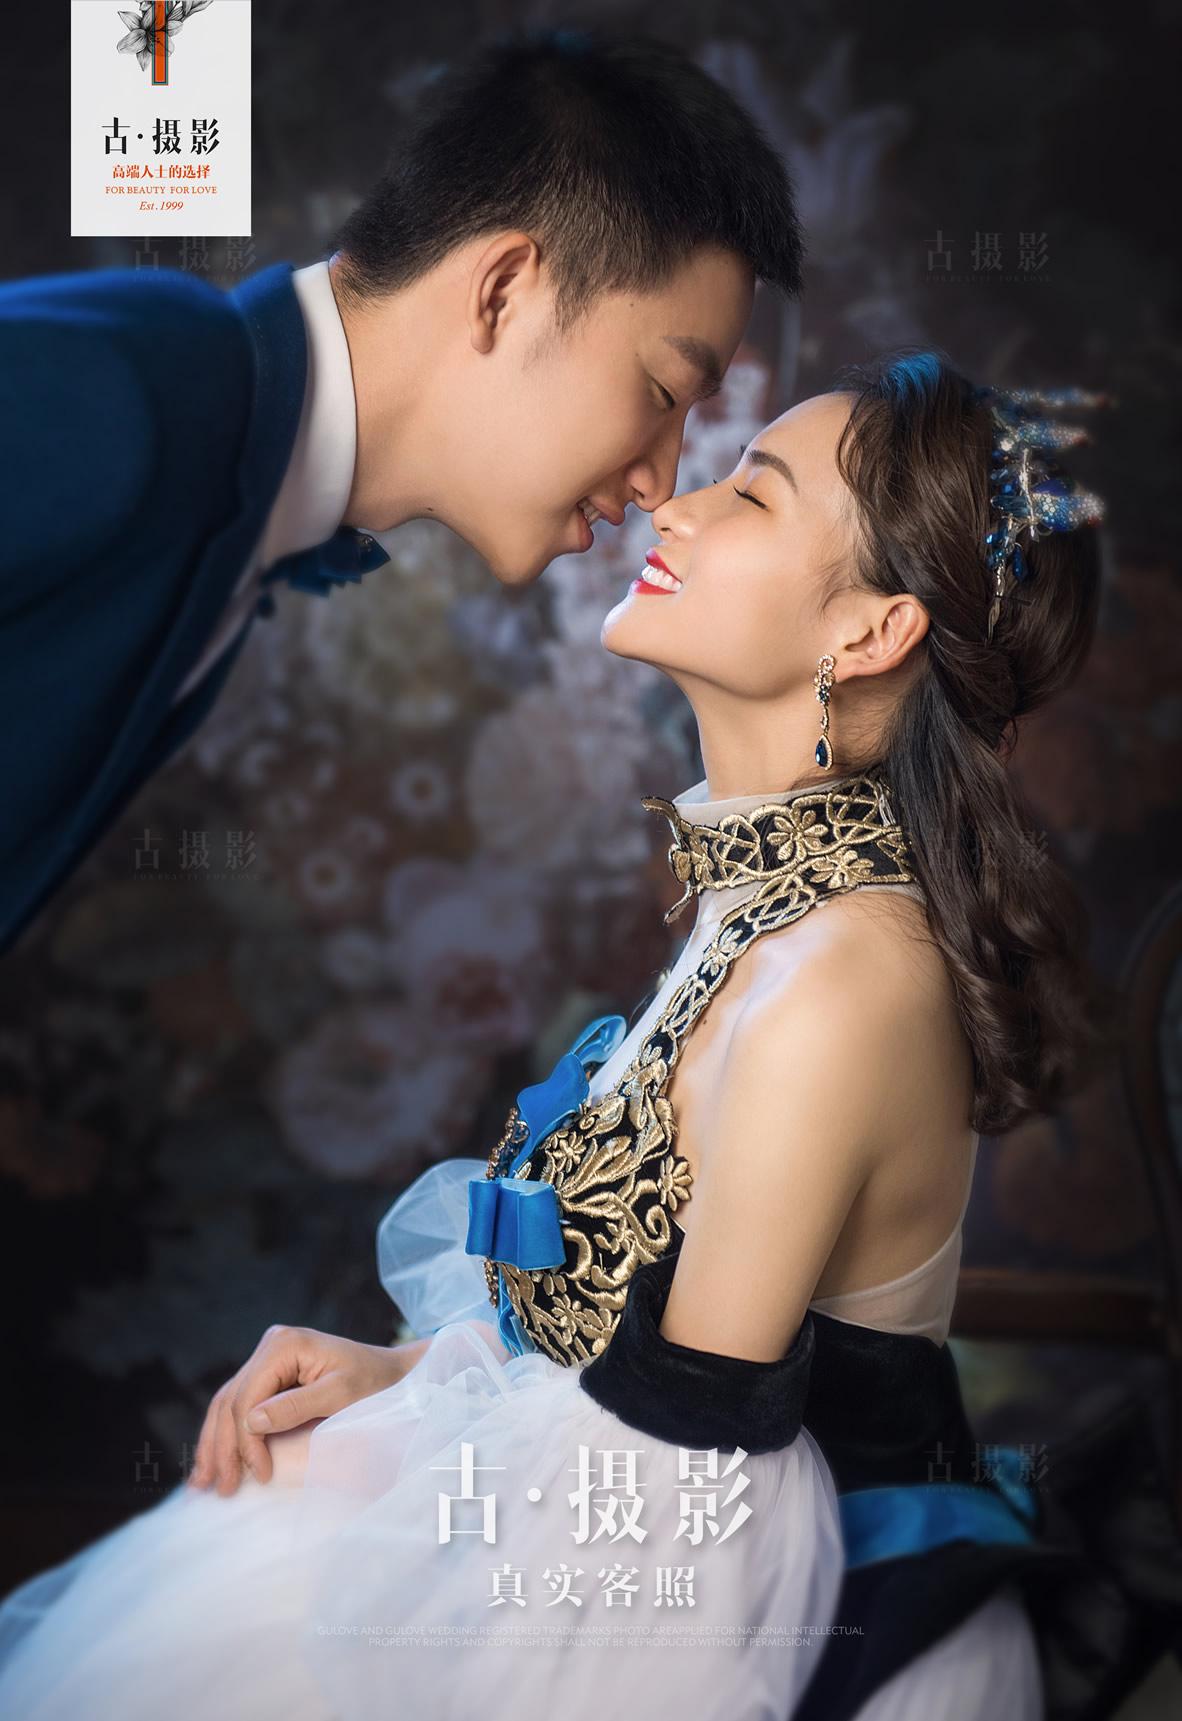 9月27日客片付小姐夫妇 - 每日客照 - 古摄影婚纱艺术-古摄影成都婚纱摄影艺术摄影网